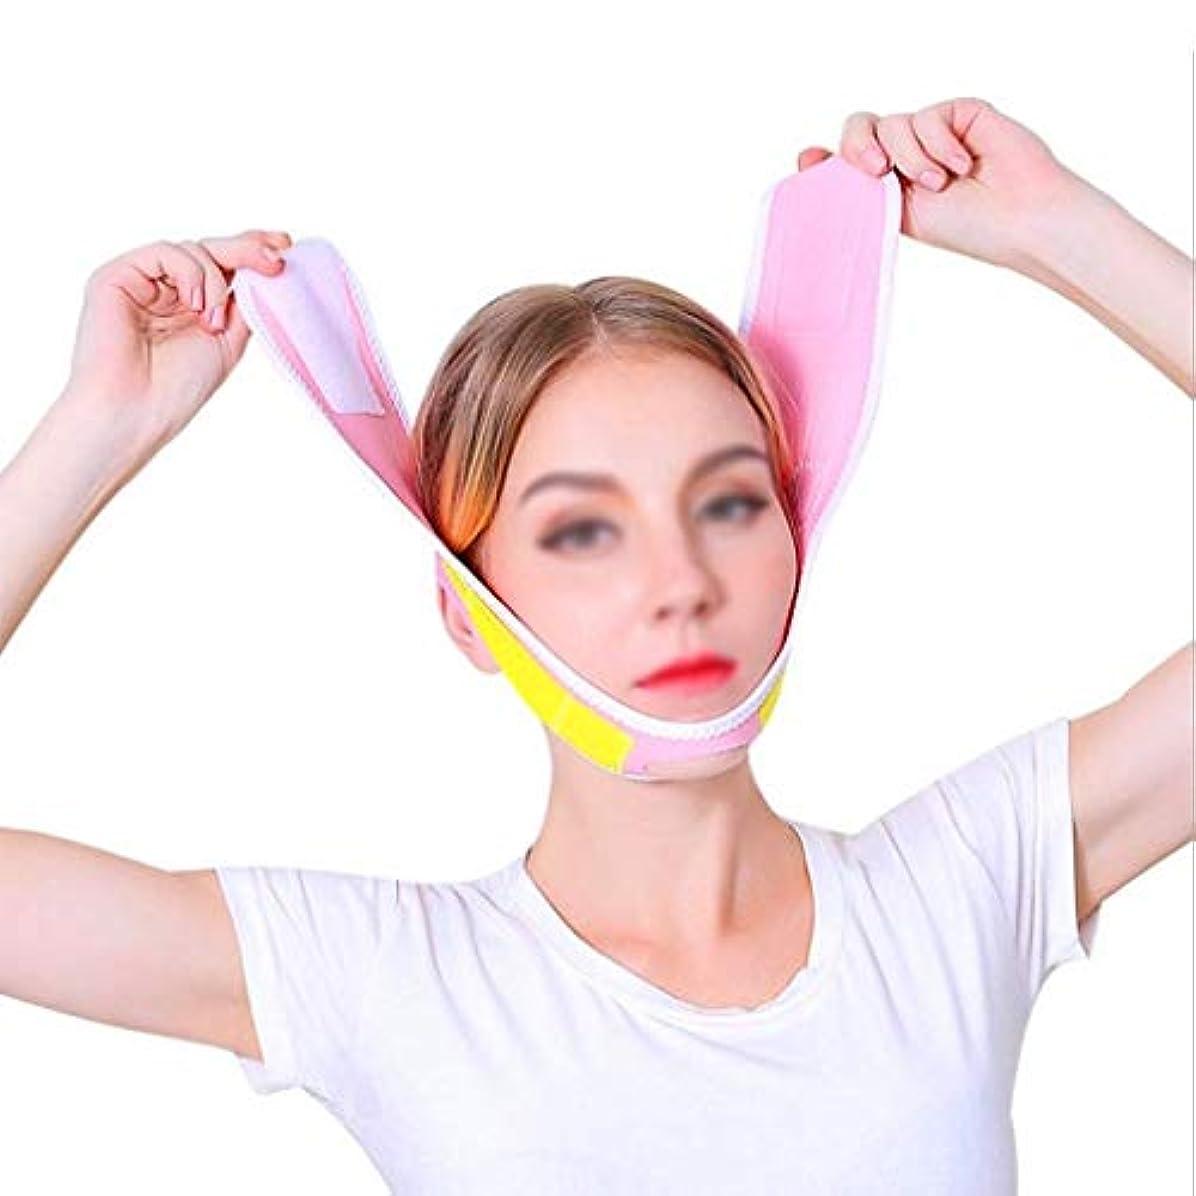 忙しい強いシェイプドフェイスマスク、フェイシャルリフティング&シェイプしてハリを高め、フェイシャル減量アンチシワトリートメント、フェイスリフティング、ファーミングスキン(ピンク、ワンサイズ)